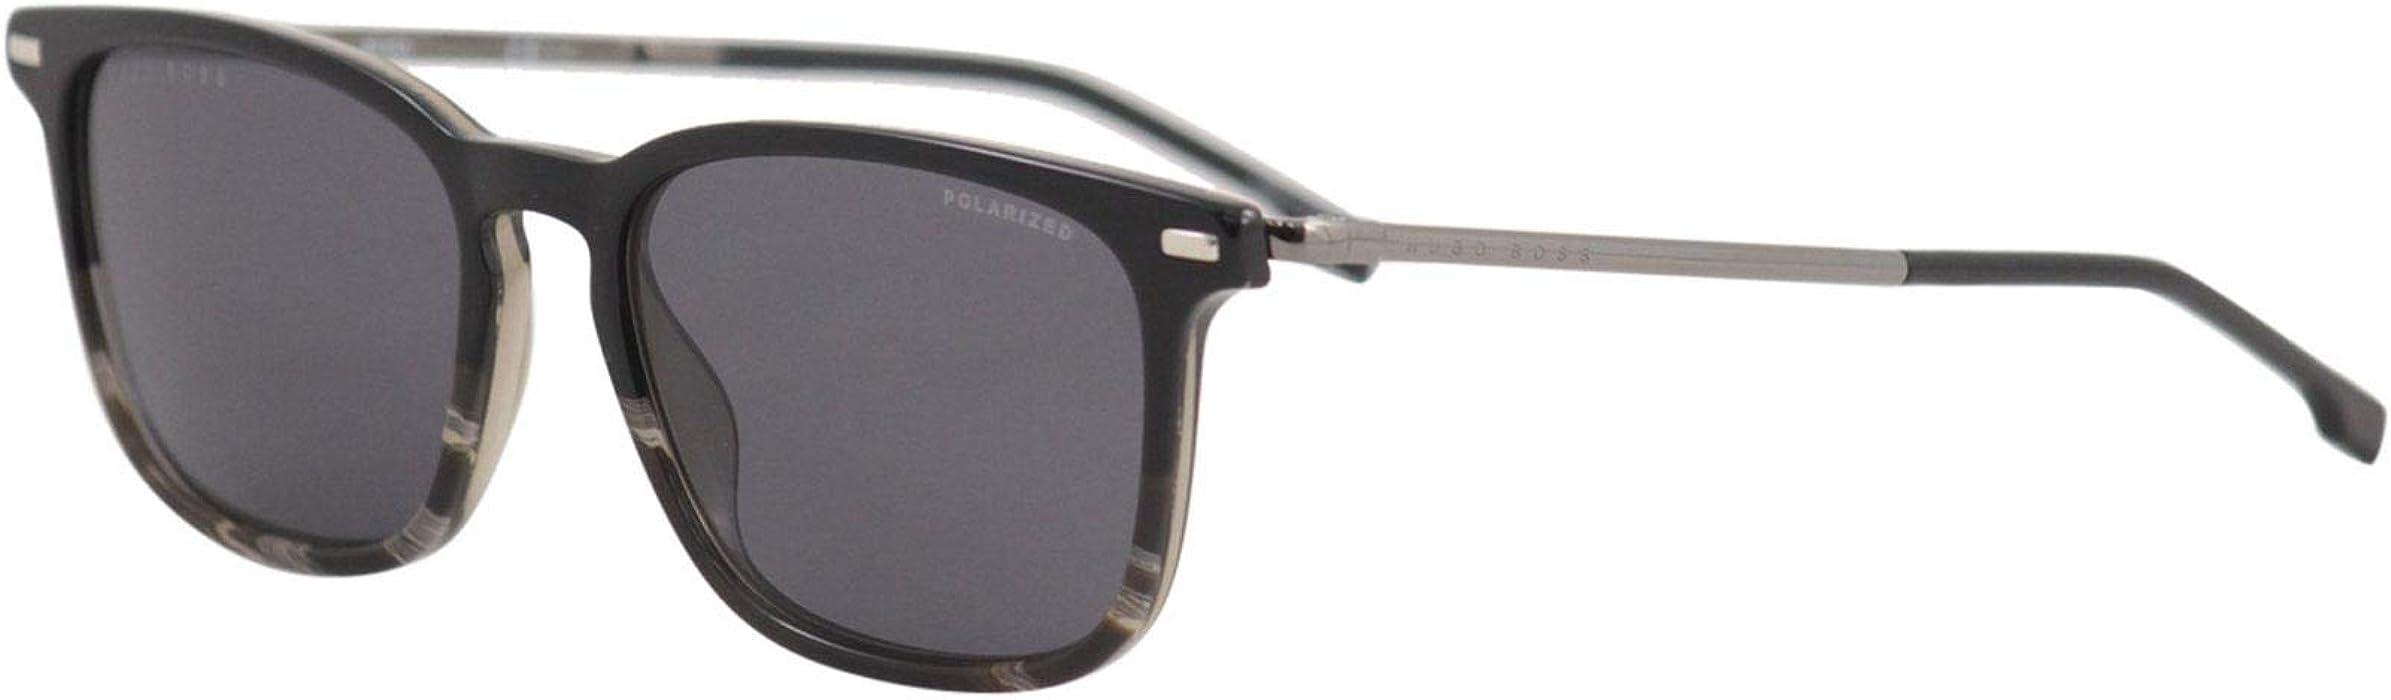 7b1d277b764a Hugo Boss 1020/S Rectangular Men's Sunglasses, 54mm (Black Gray Horn, Gray